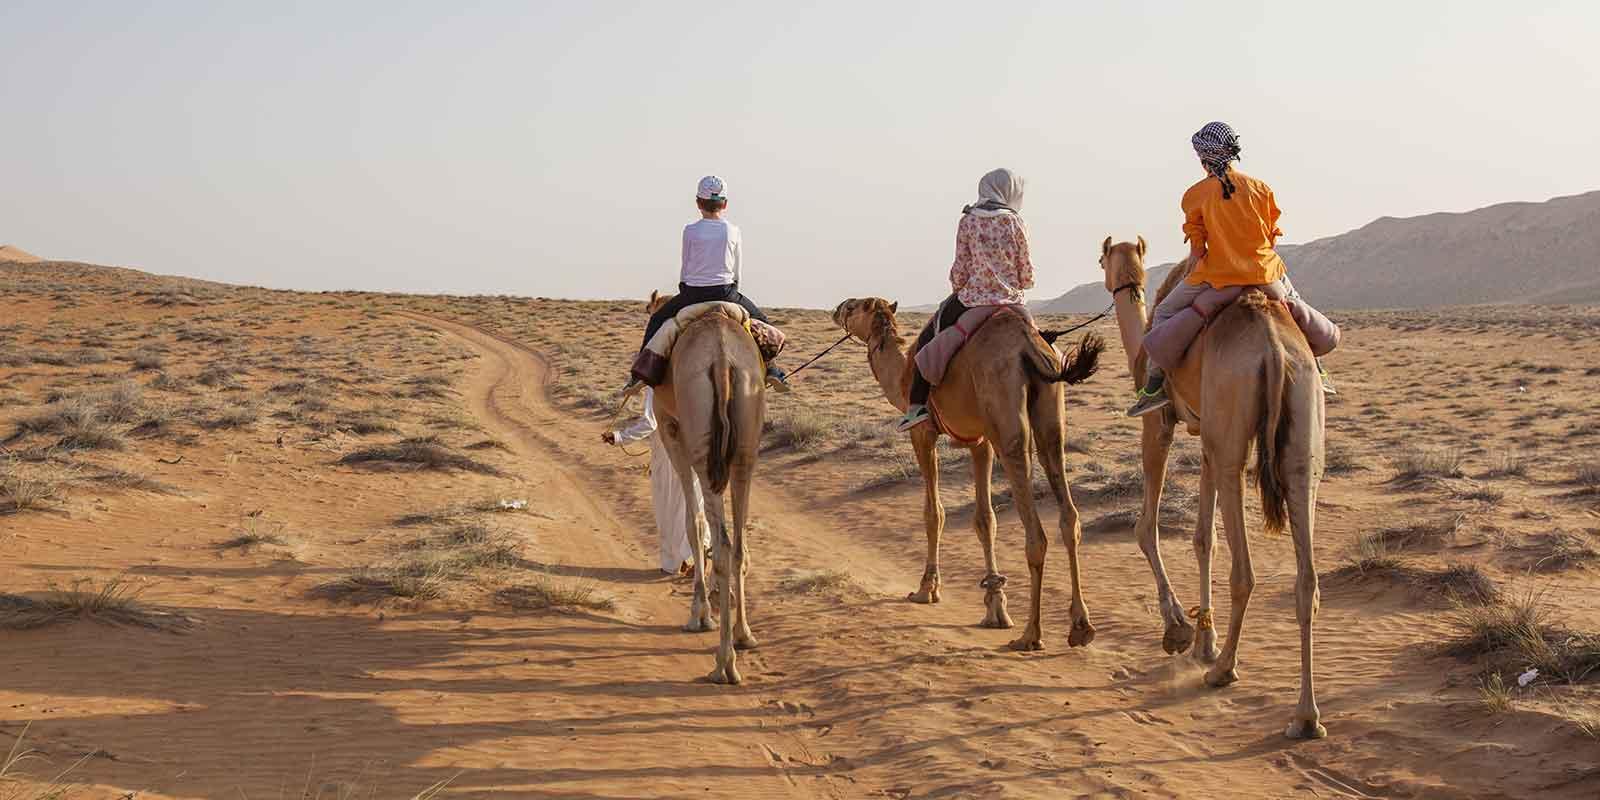 Family camel trekking in desert in Oman